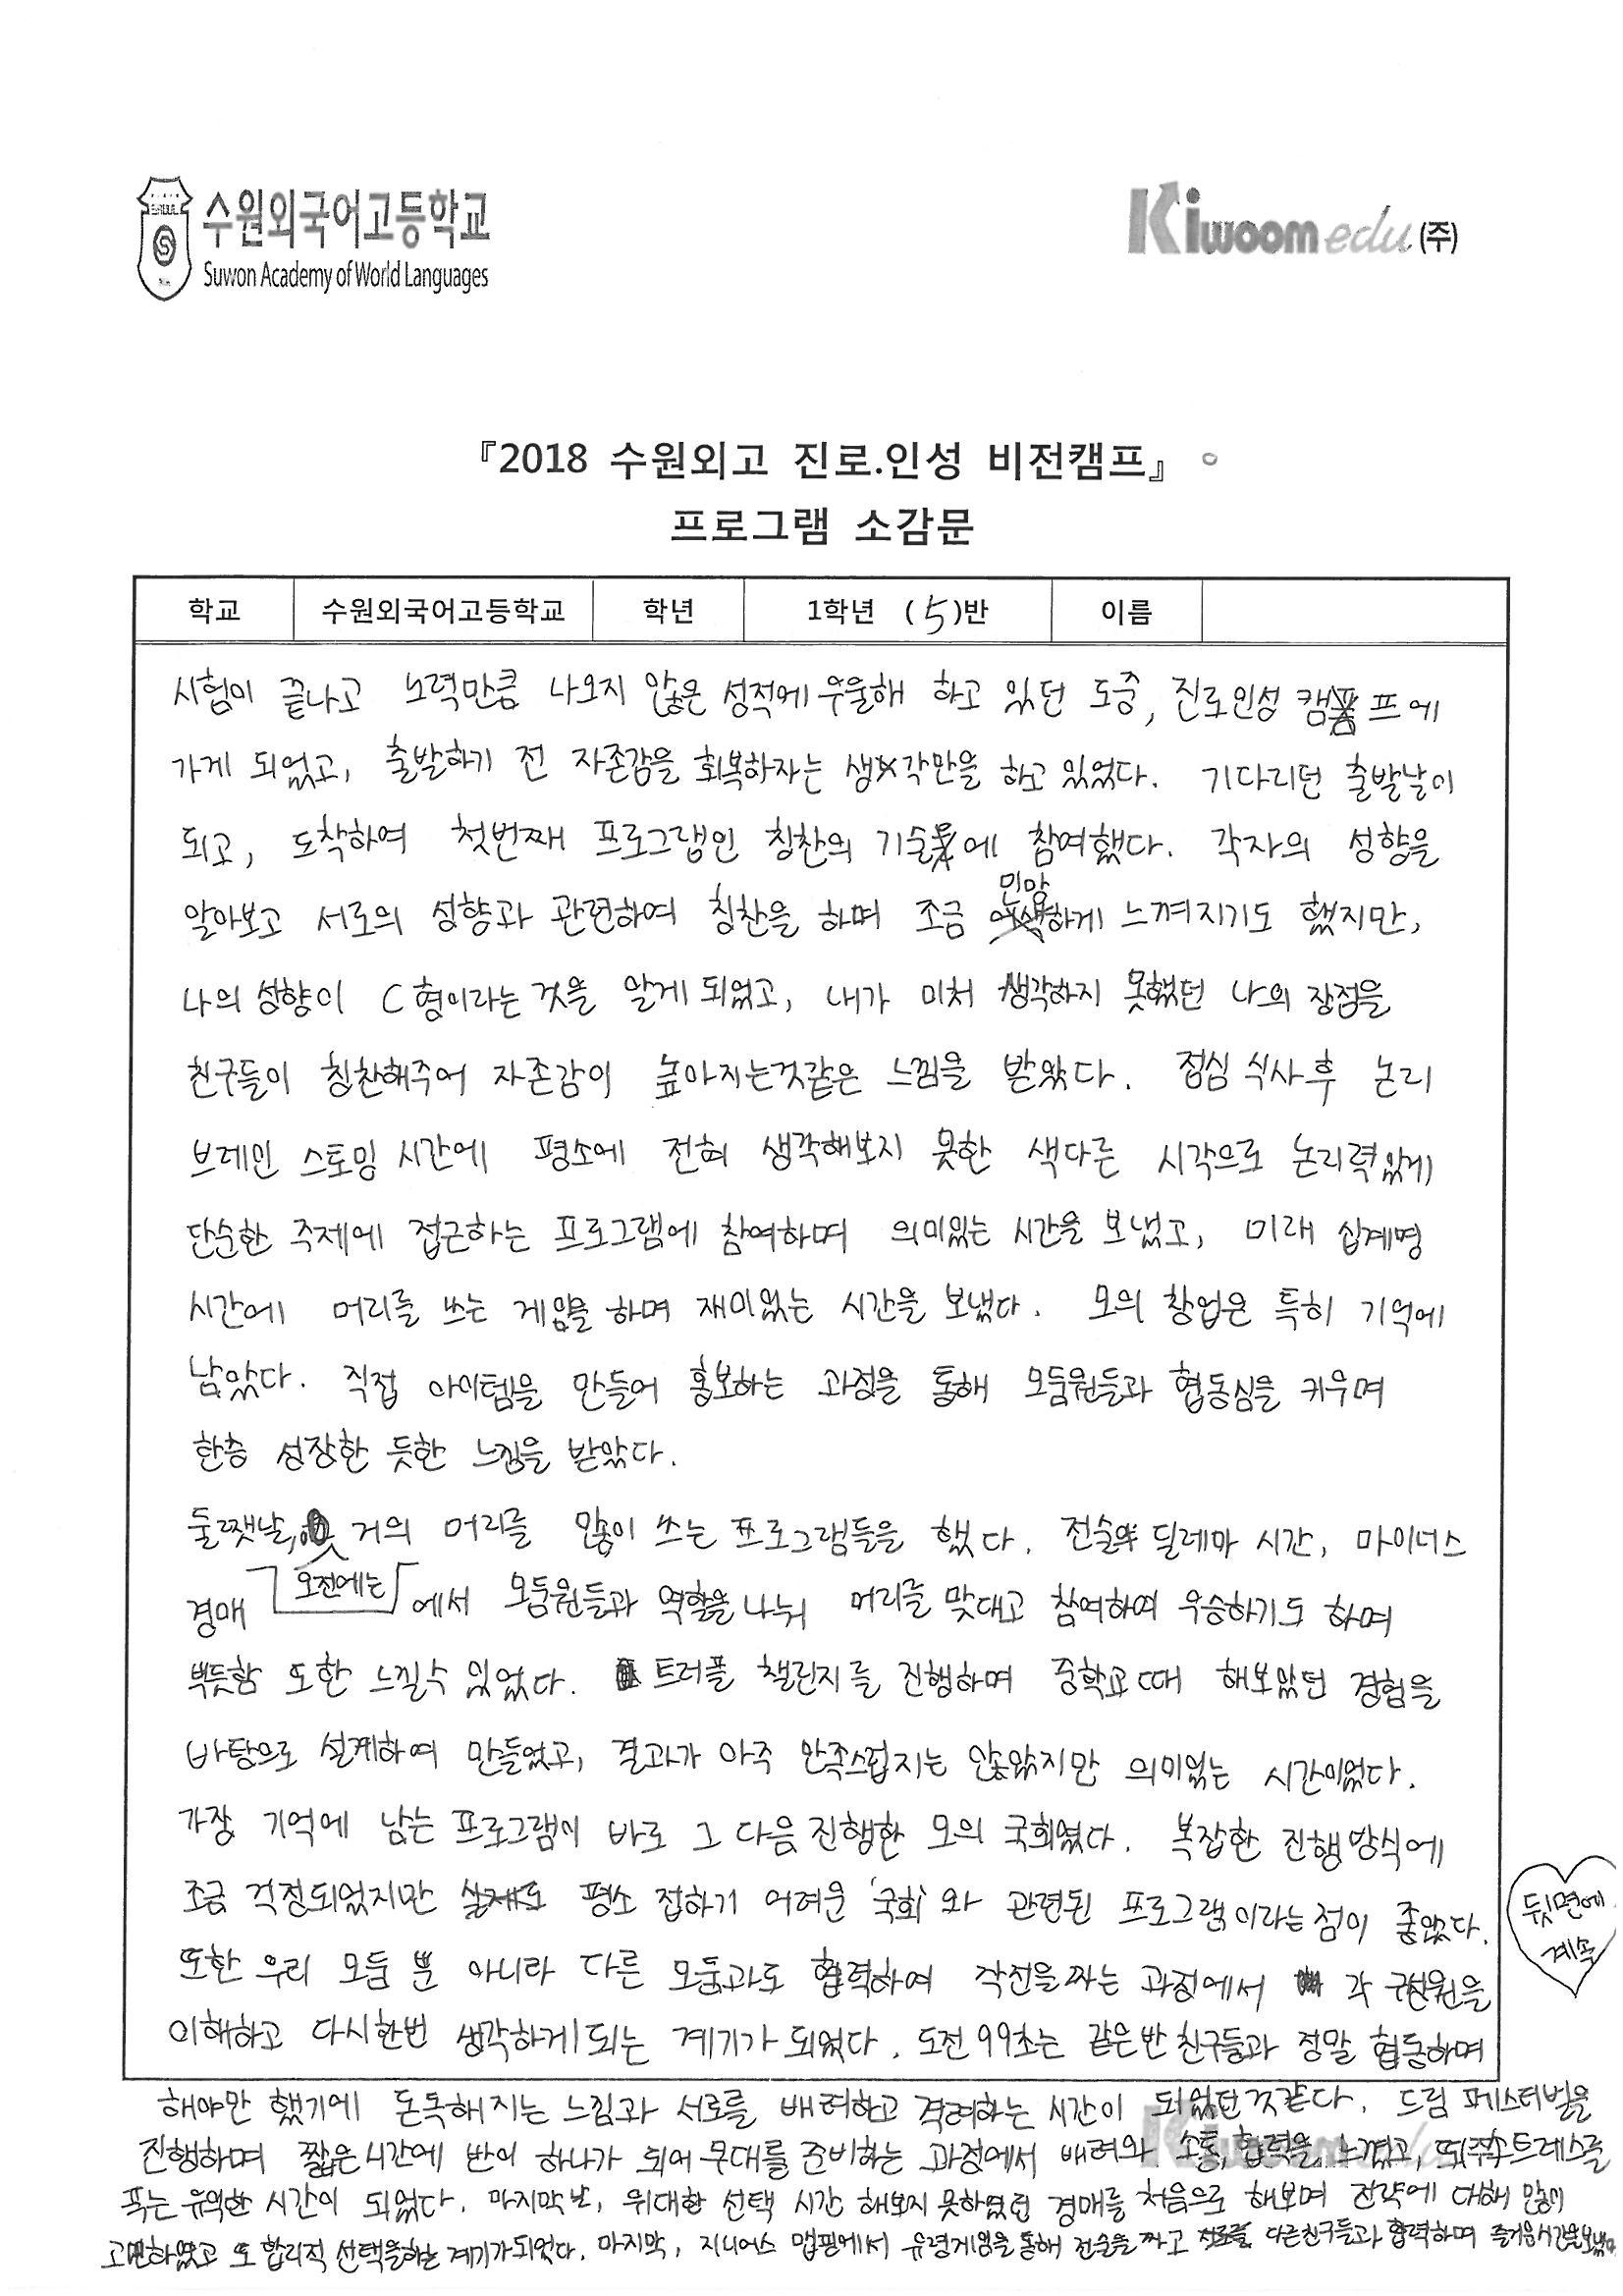 2018 수원외고 우수소감문_Page_13.jpg